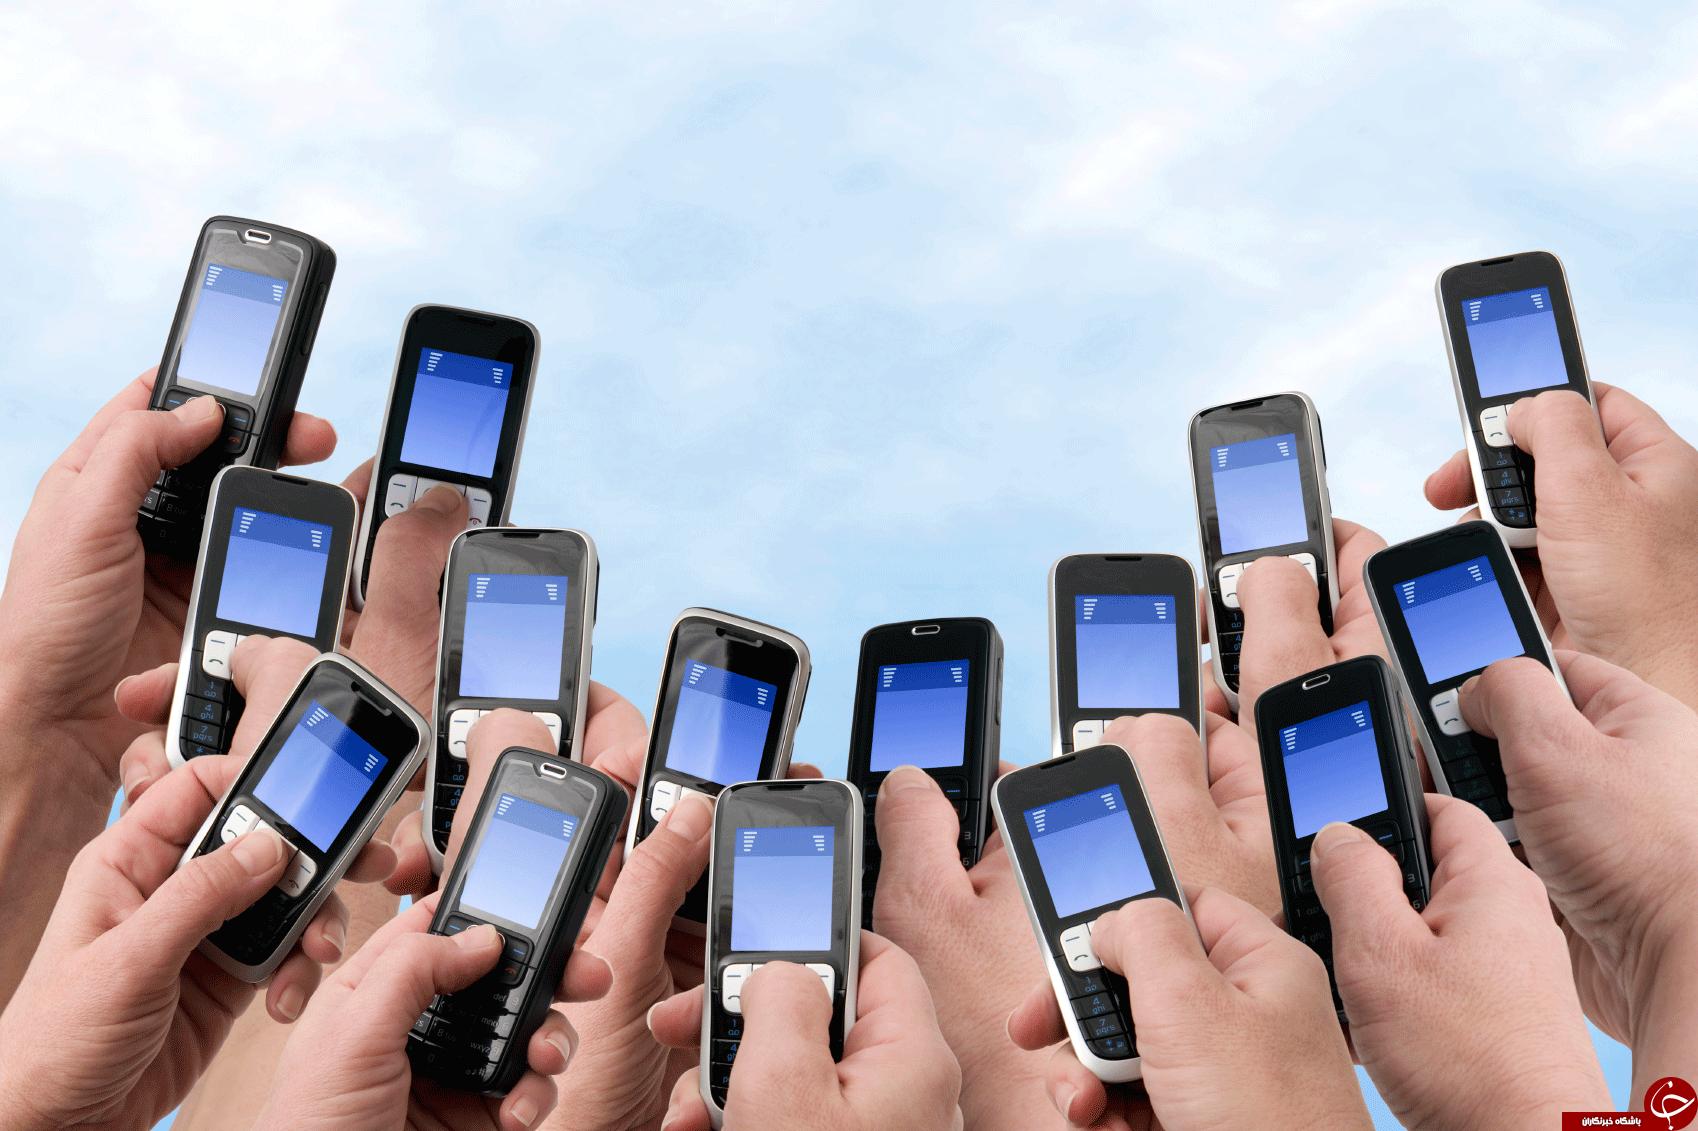 """آندروید, Android, برنامه موبايل, آیپد, آیفون, دانلود, موبايل, كليپ, بازي, زنگ خوری, اس ام اس, جاوا, بازی آندروید, نرم افزار آندروید, Iphone ,Ipad - """"reset factory""""باعث حذف اطلاعات نمیشود !"""